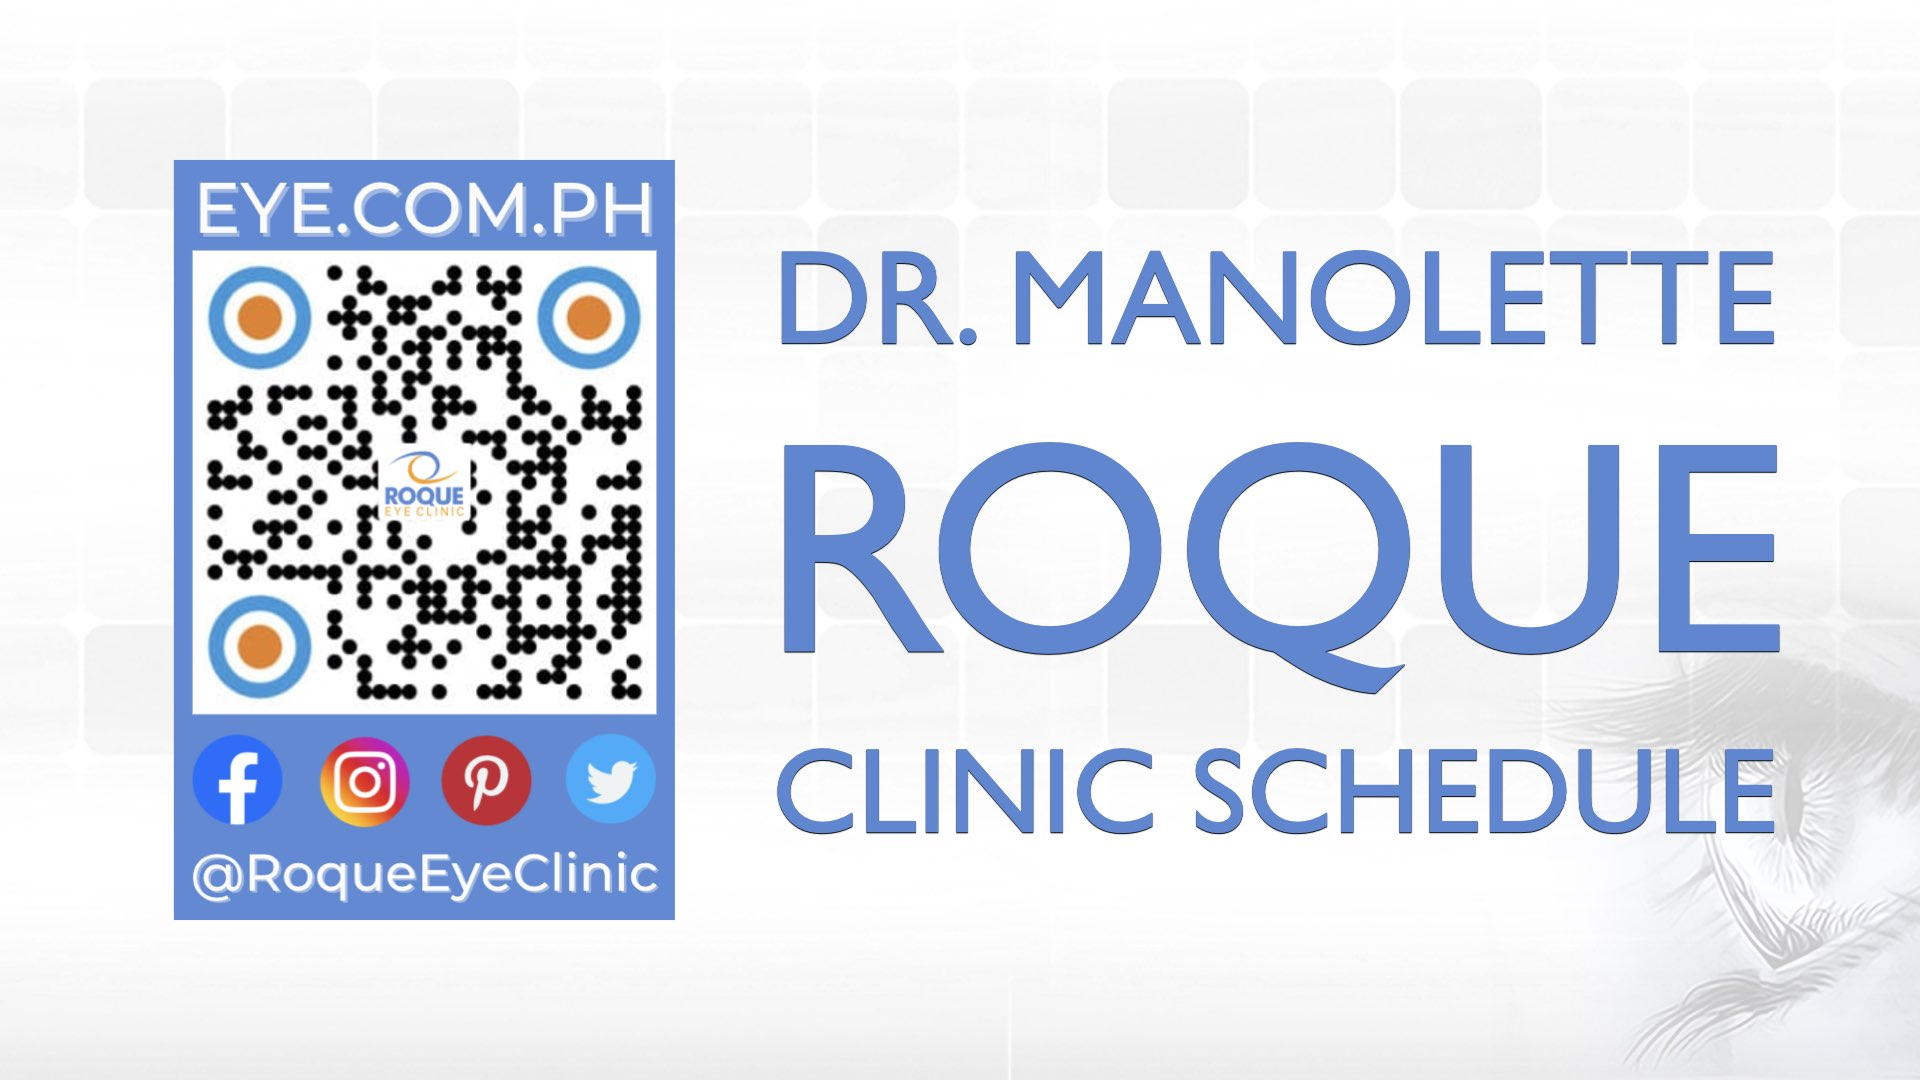 REC QR 2021 16x9 Dr Manolette Roque Clinic Schedule